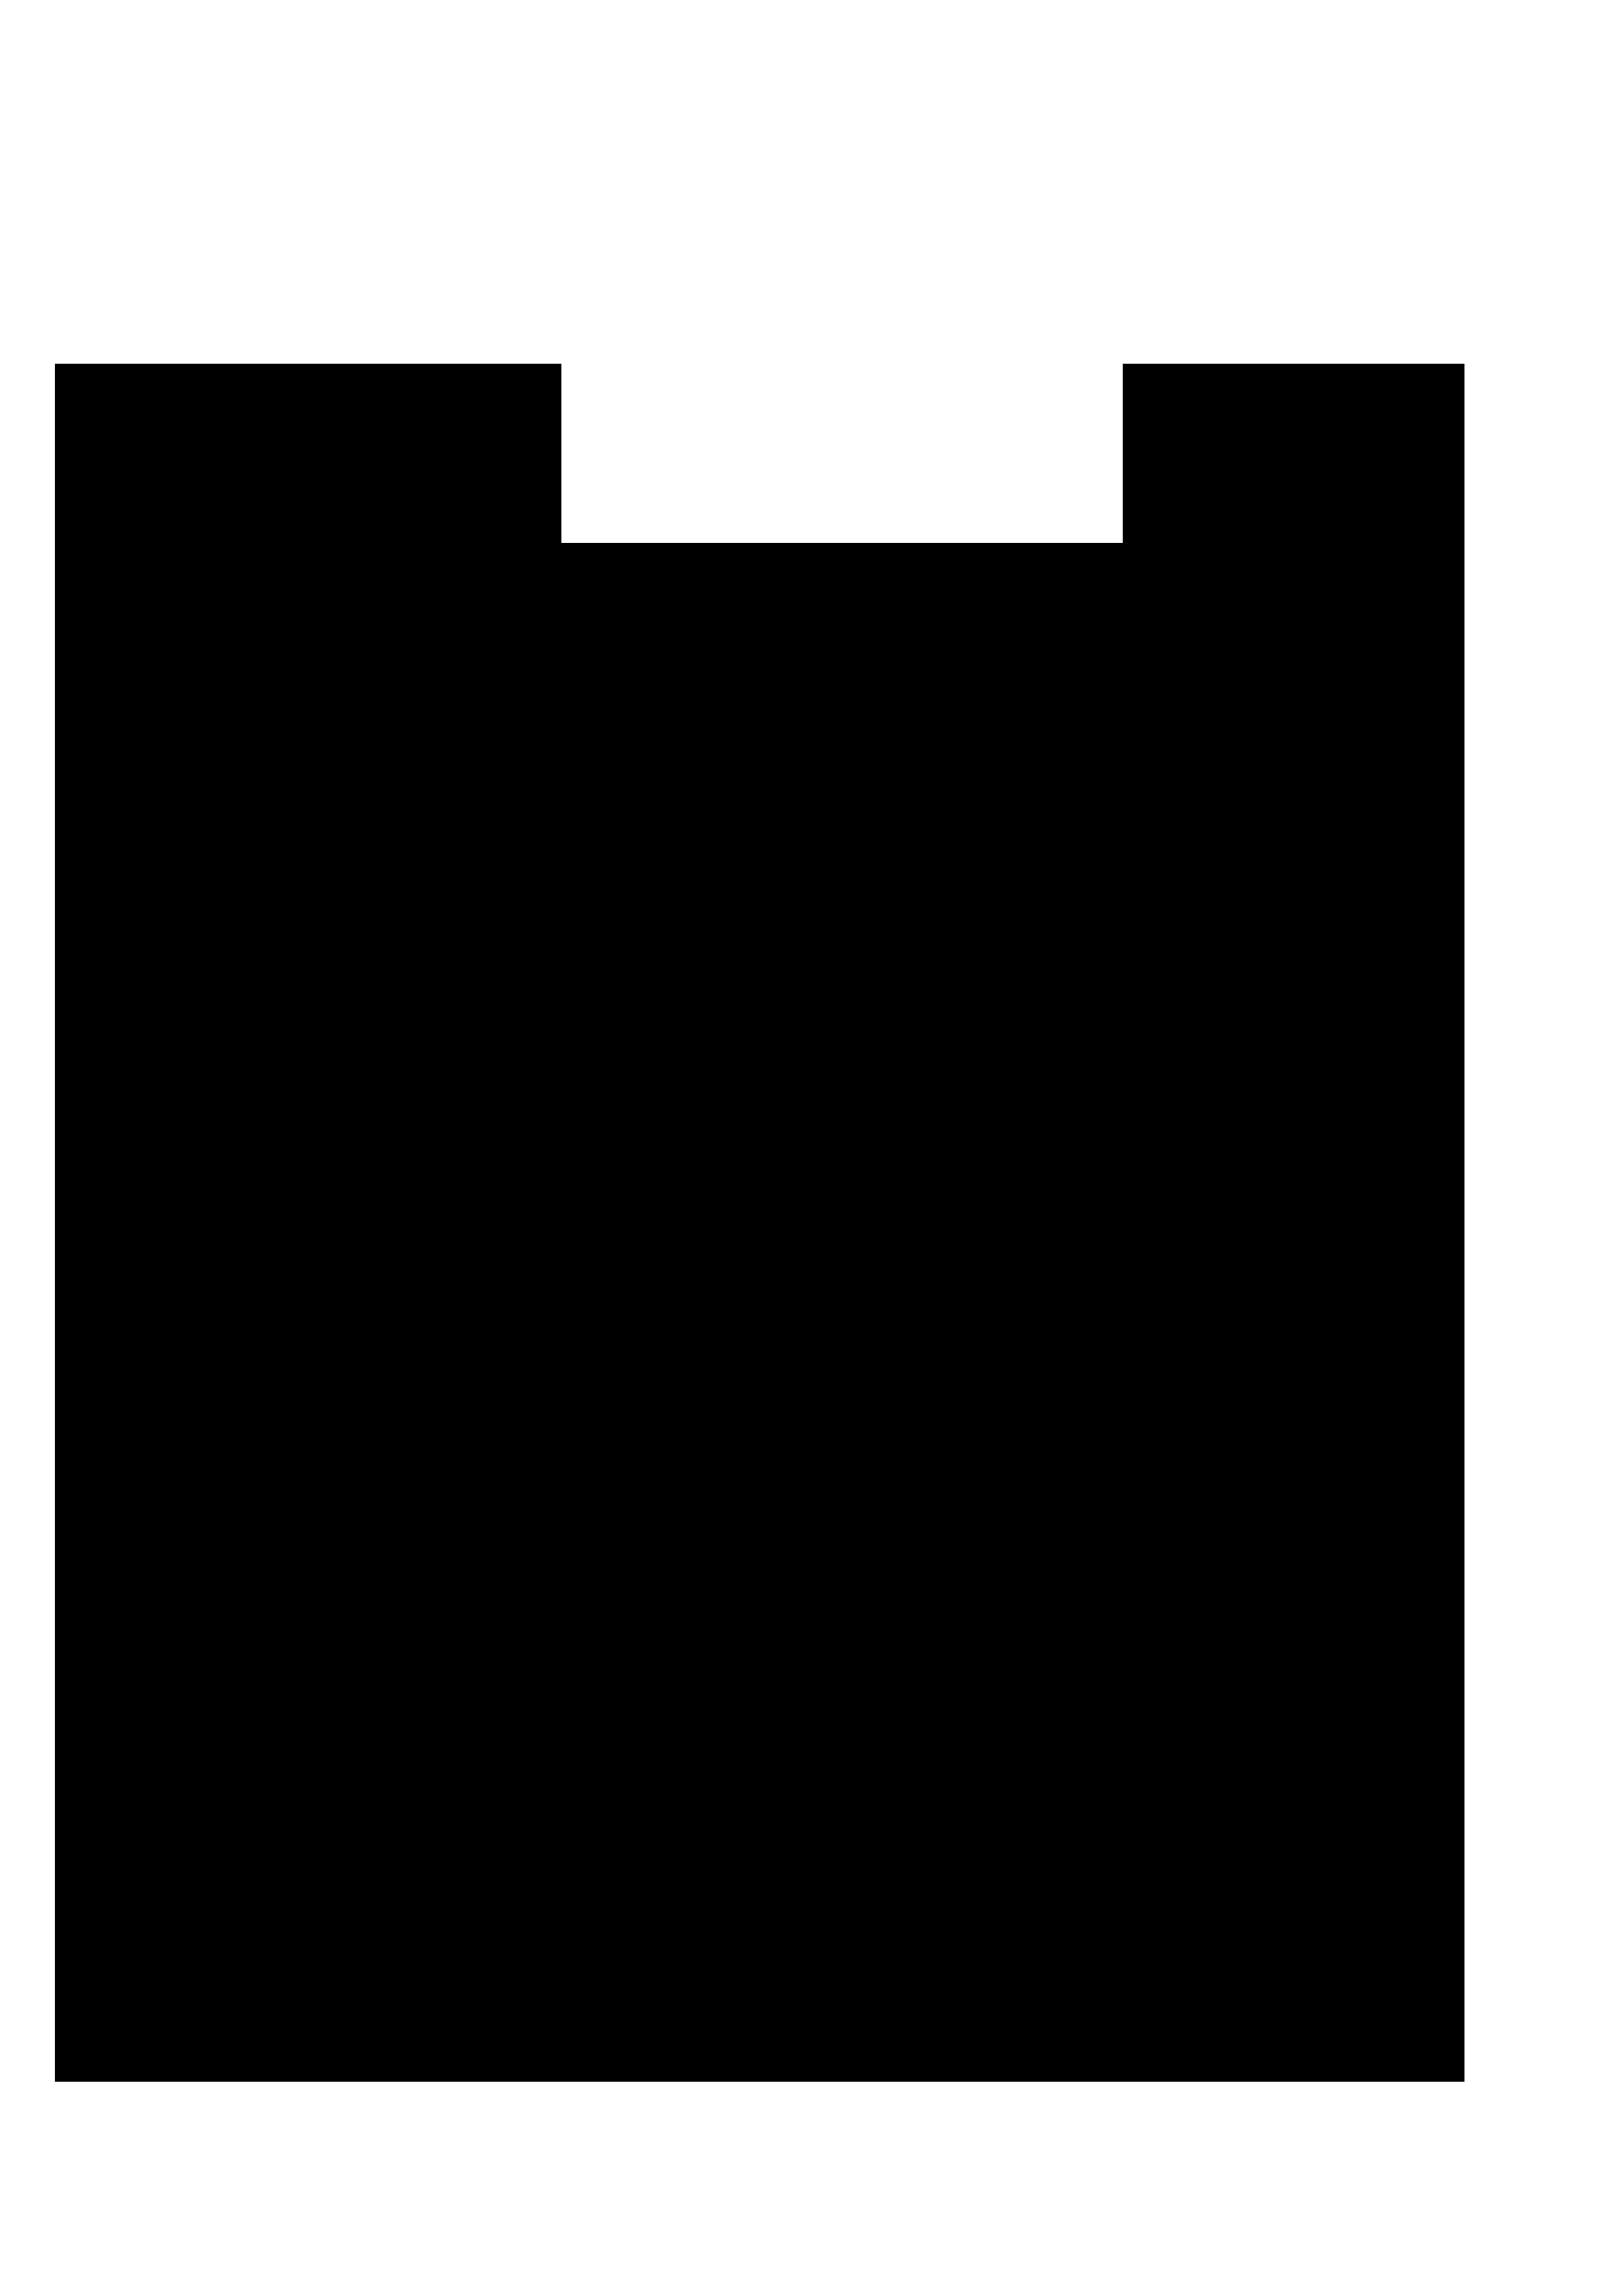 Speisekarte-Baustelle-2019-1